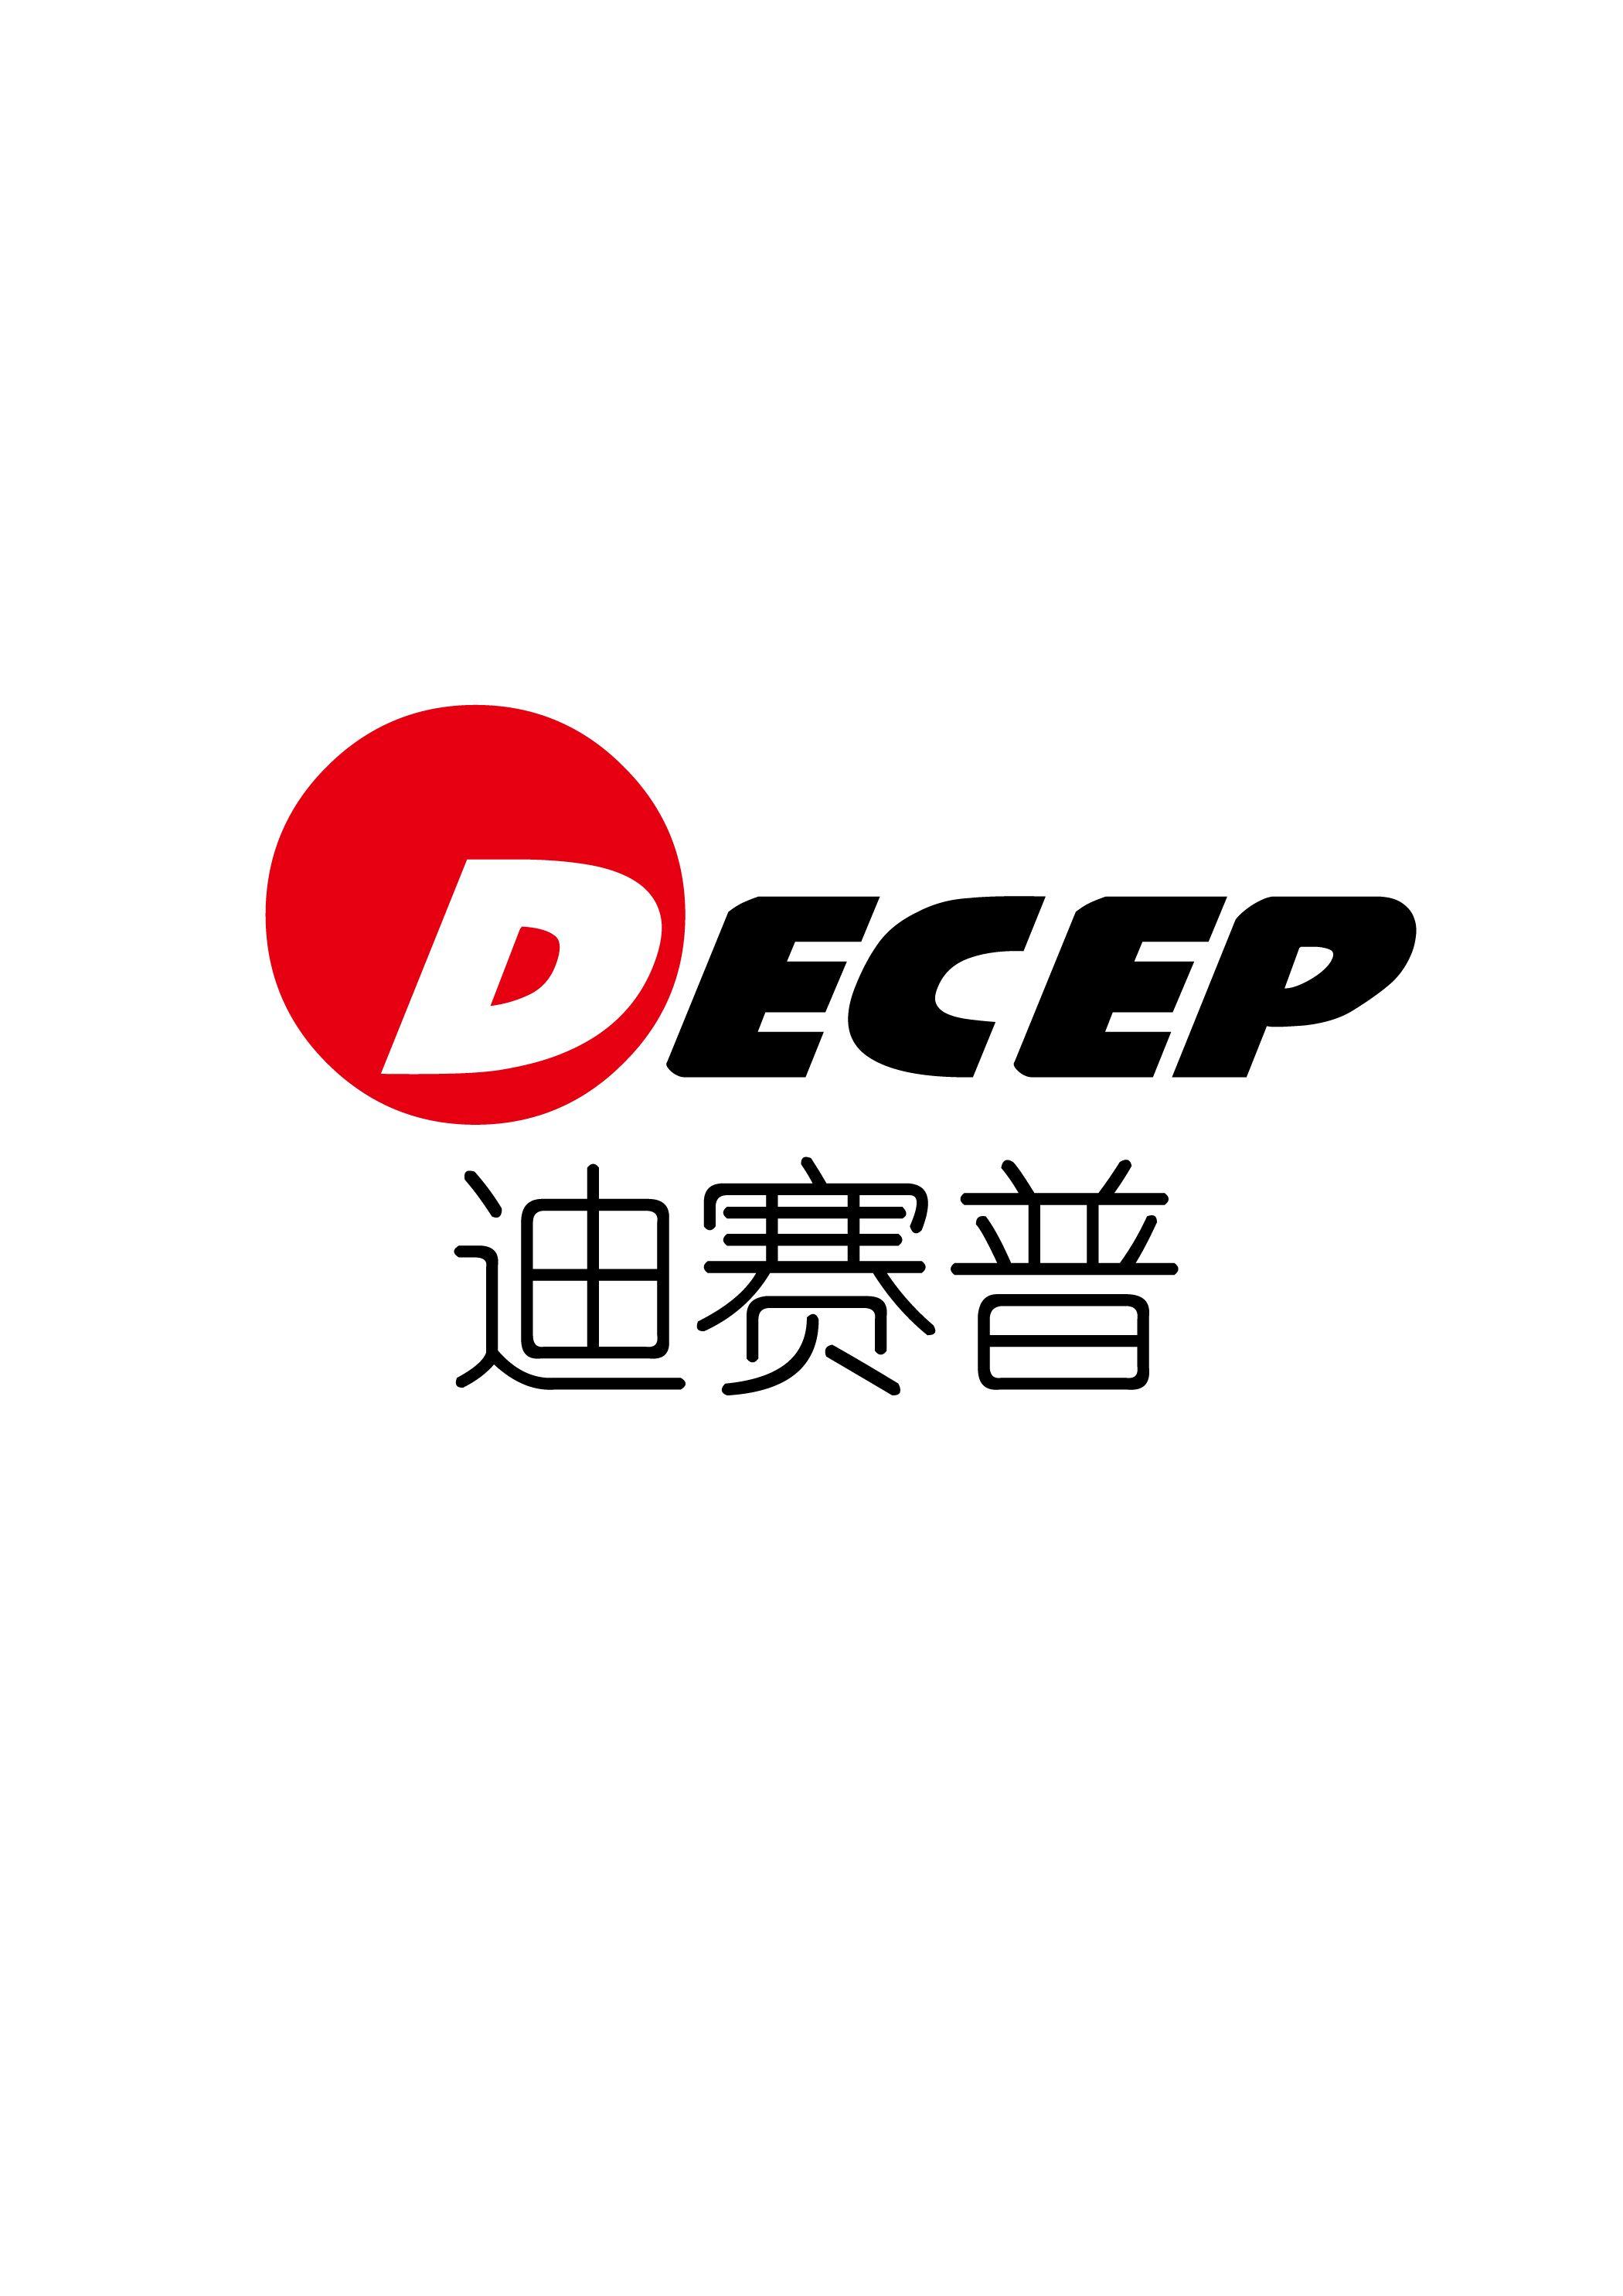 成武迪赛普新材料科技有限公司